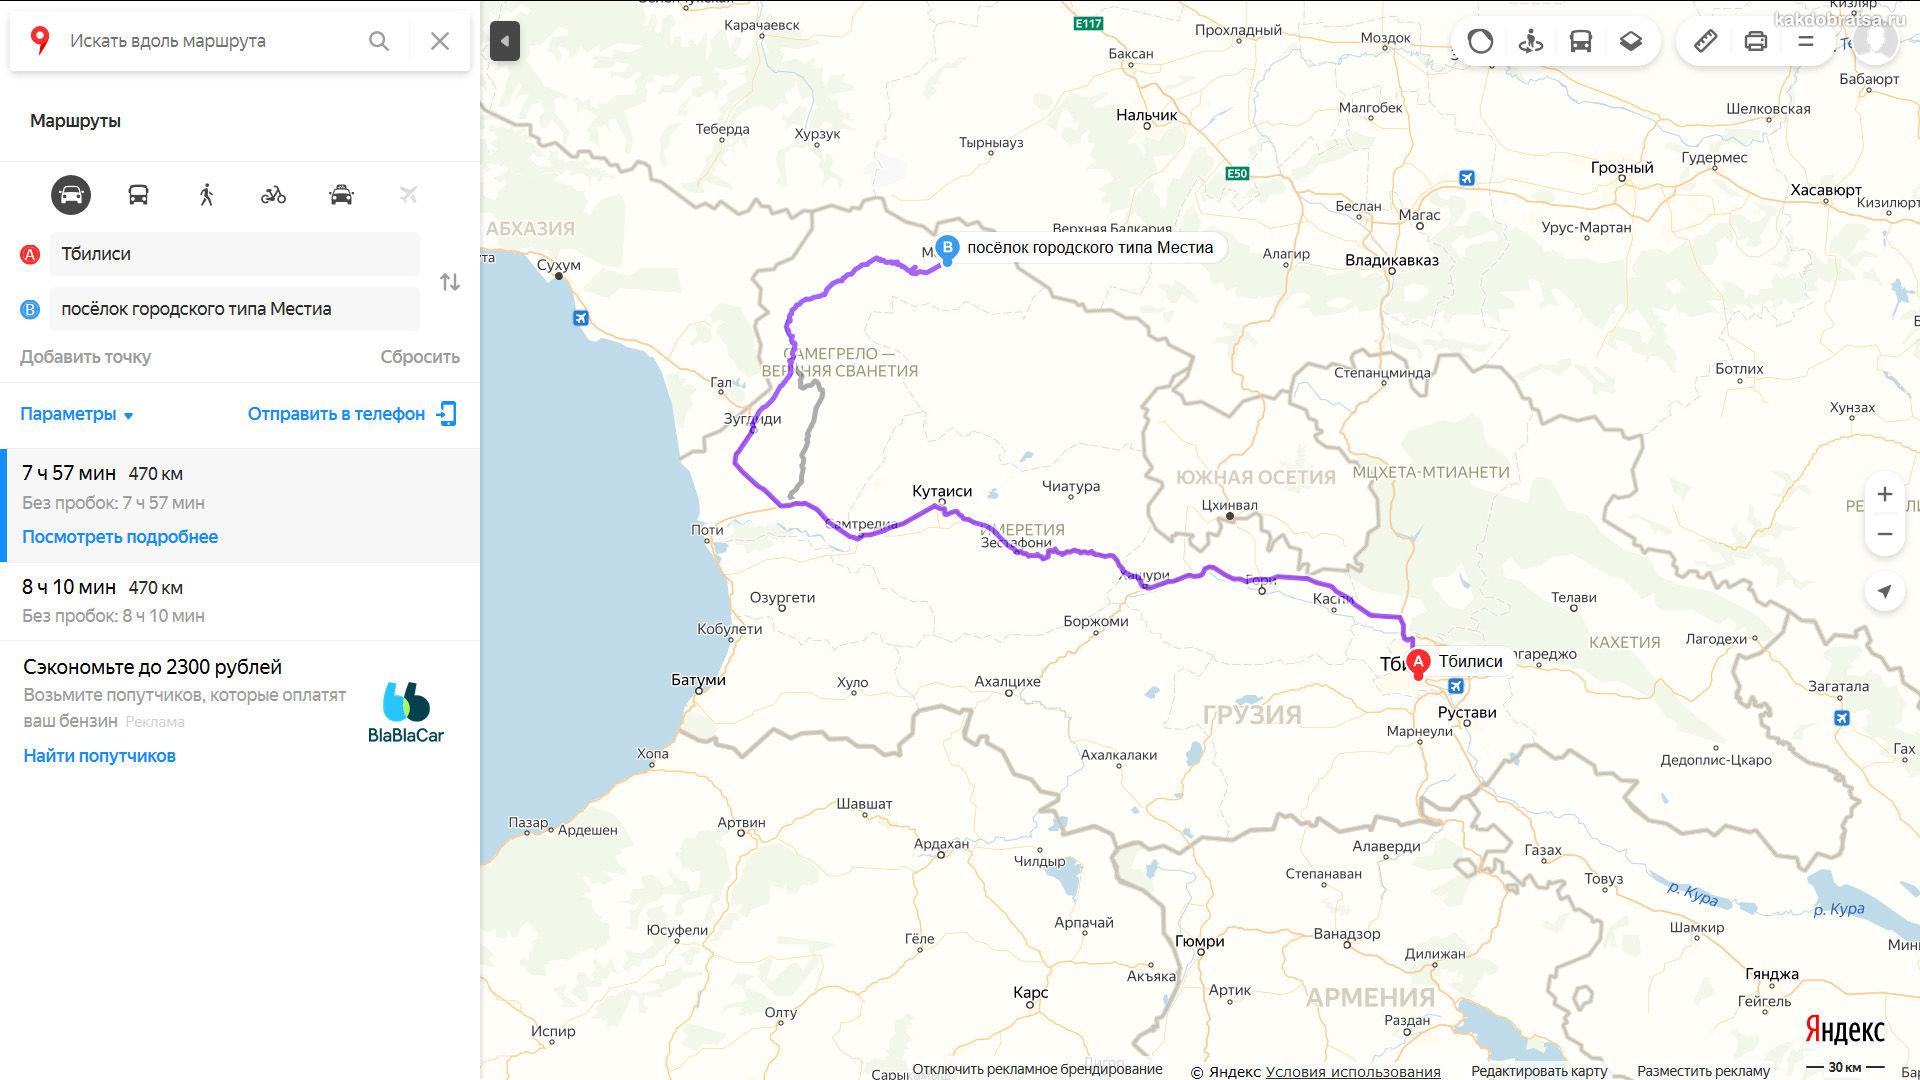 Как добраться из Тбилиси в Сванетию (Местия, Ушгули) расстояние